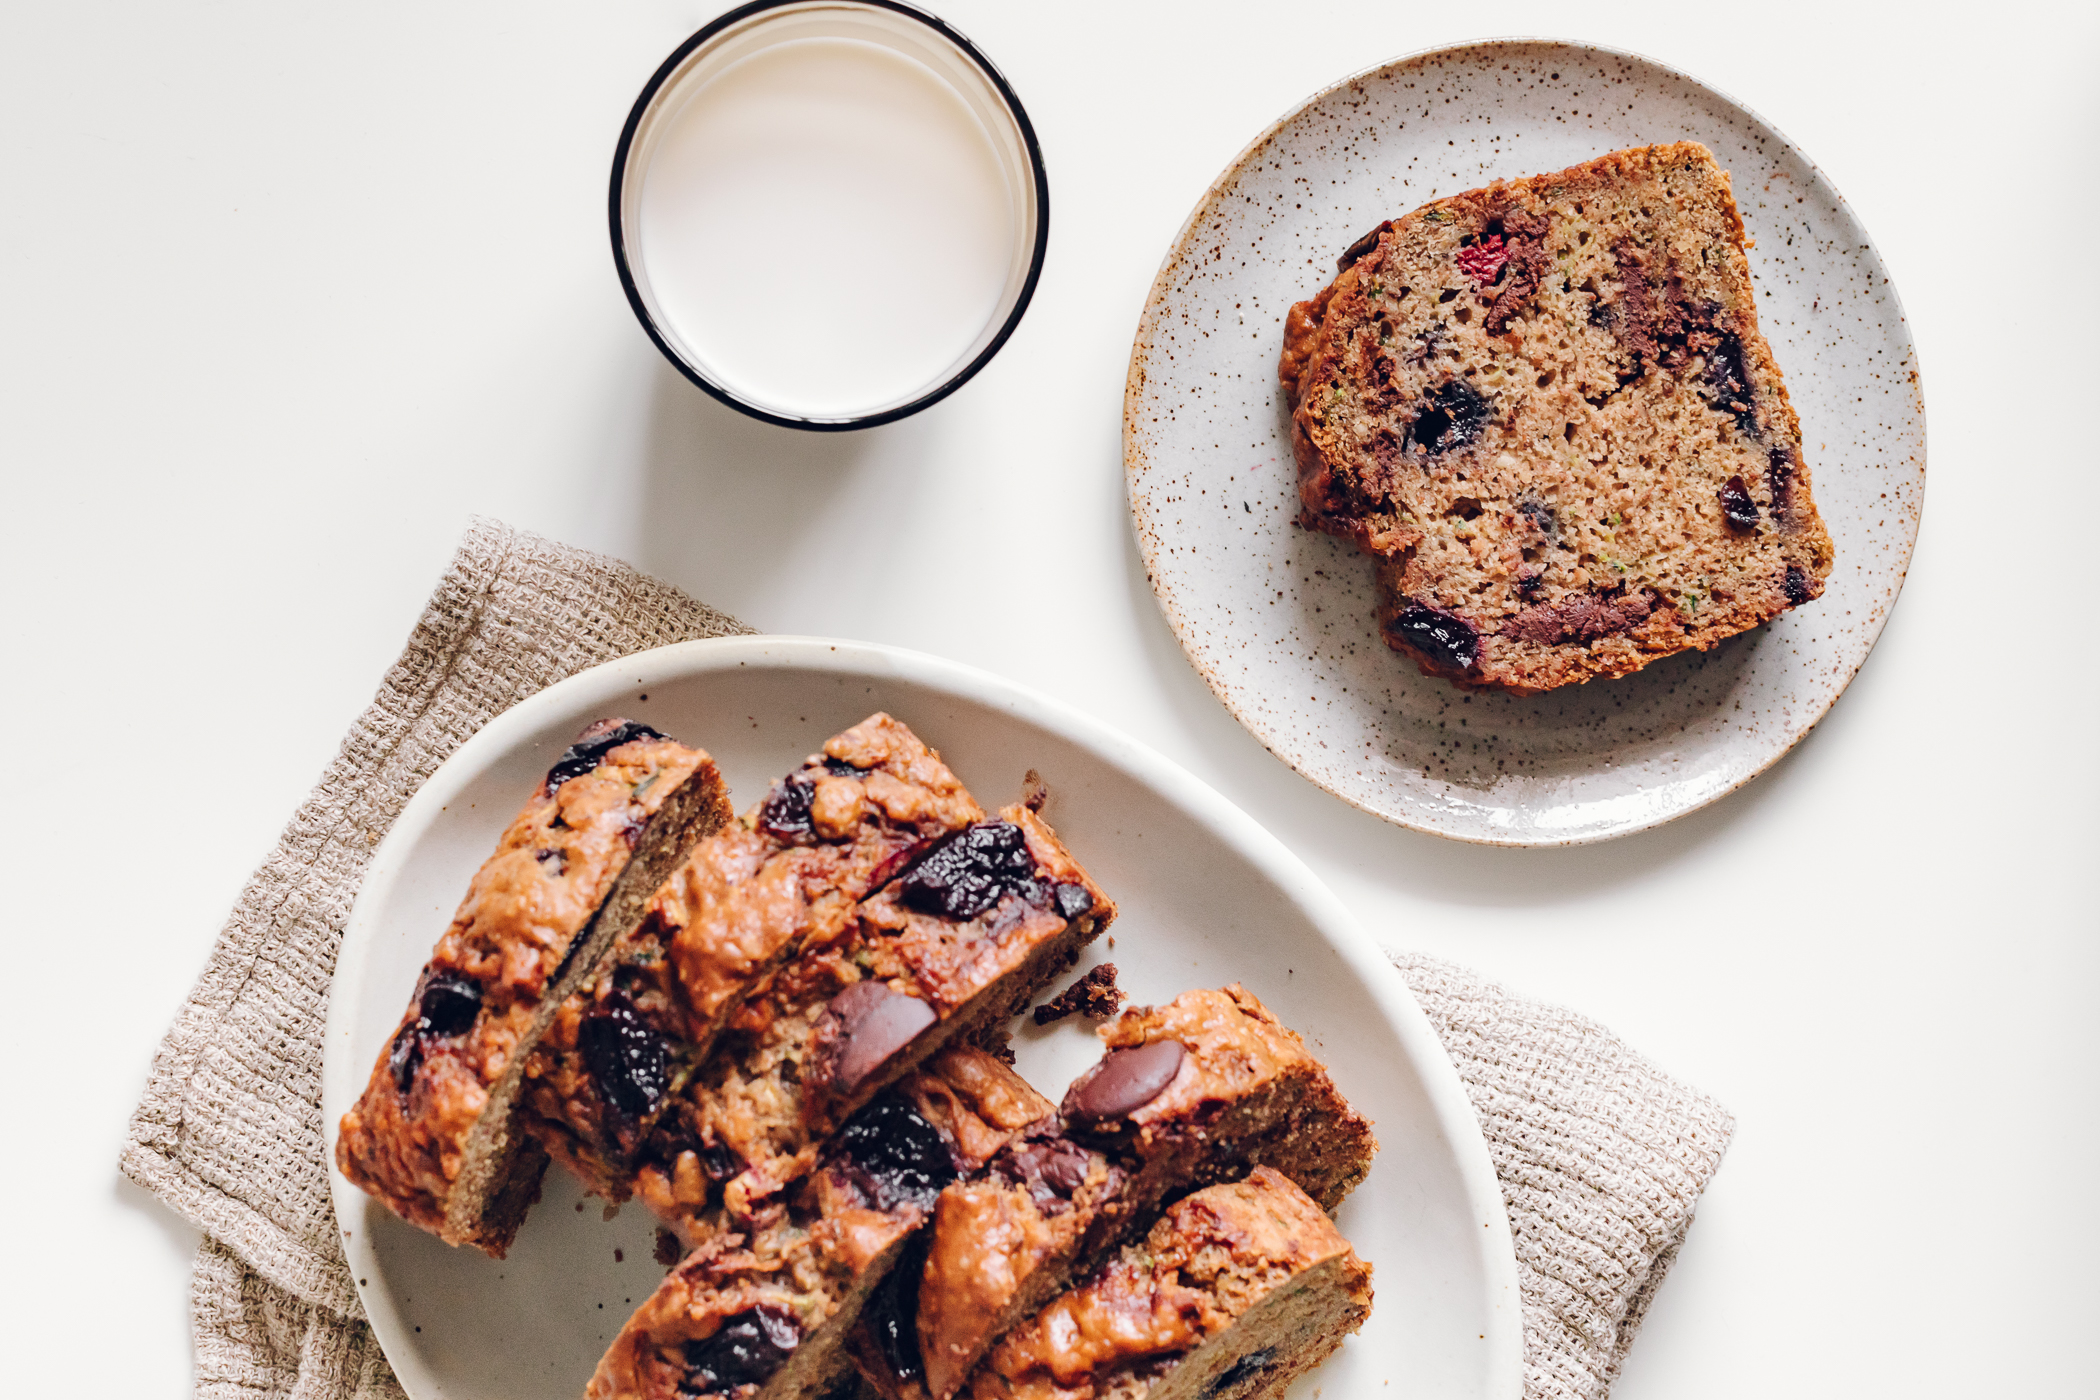 Cherry Chocolate & Hazelnut Zucchini Bread by Jessie May